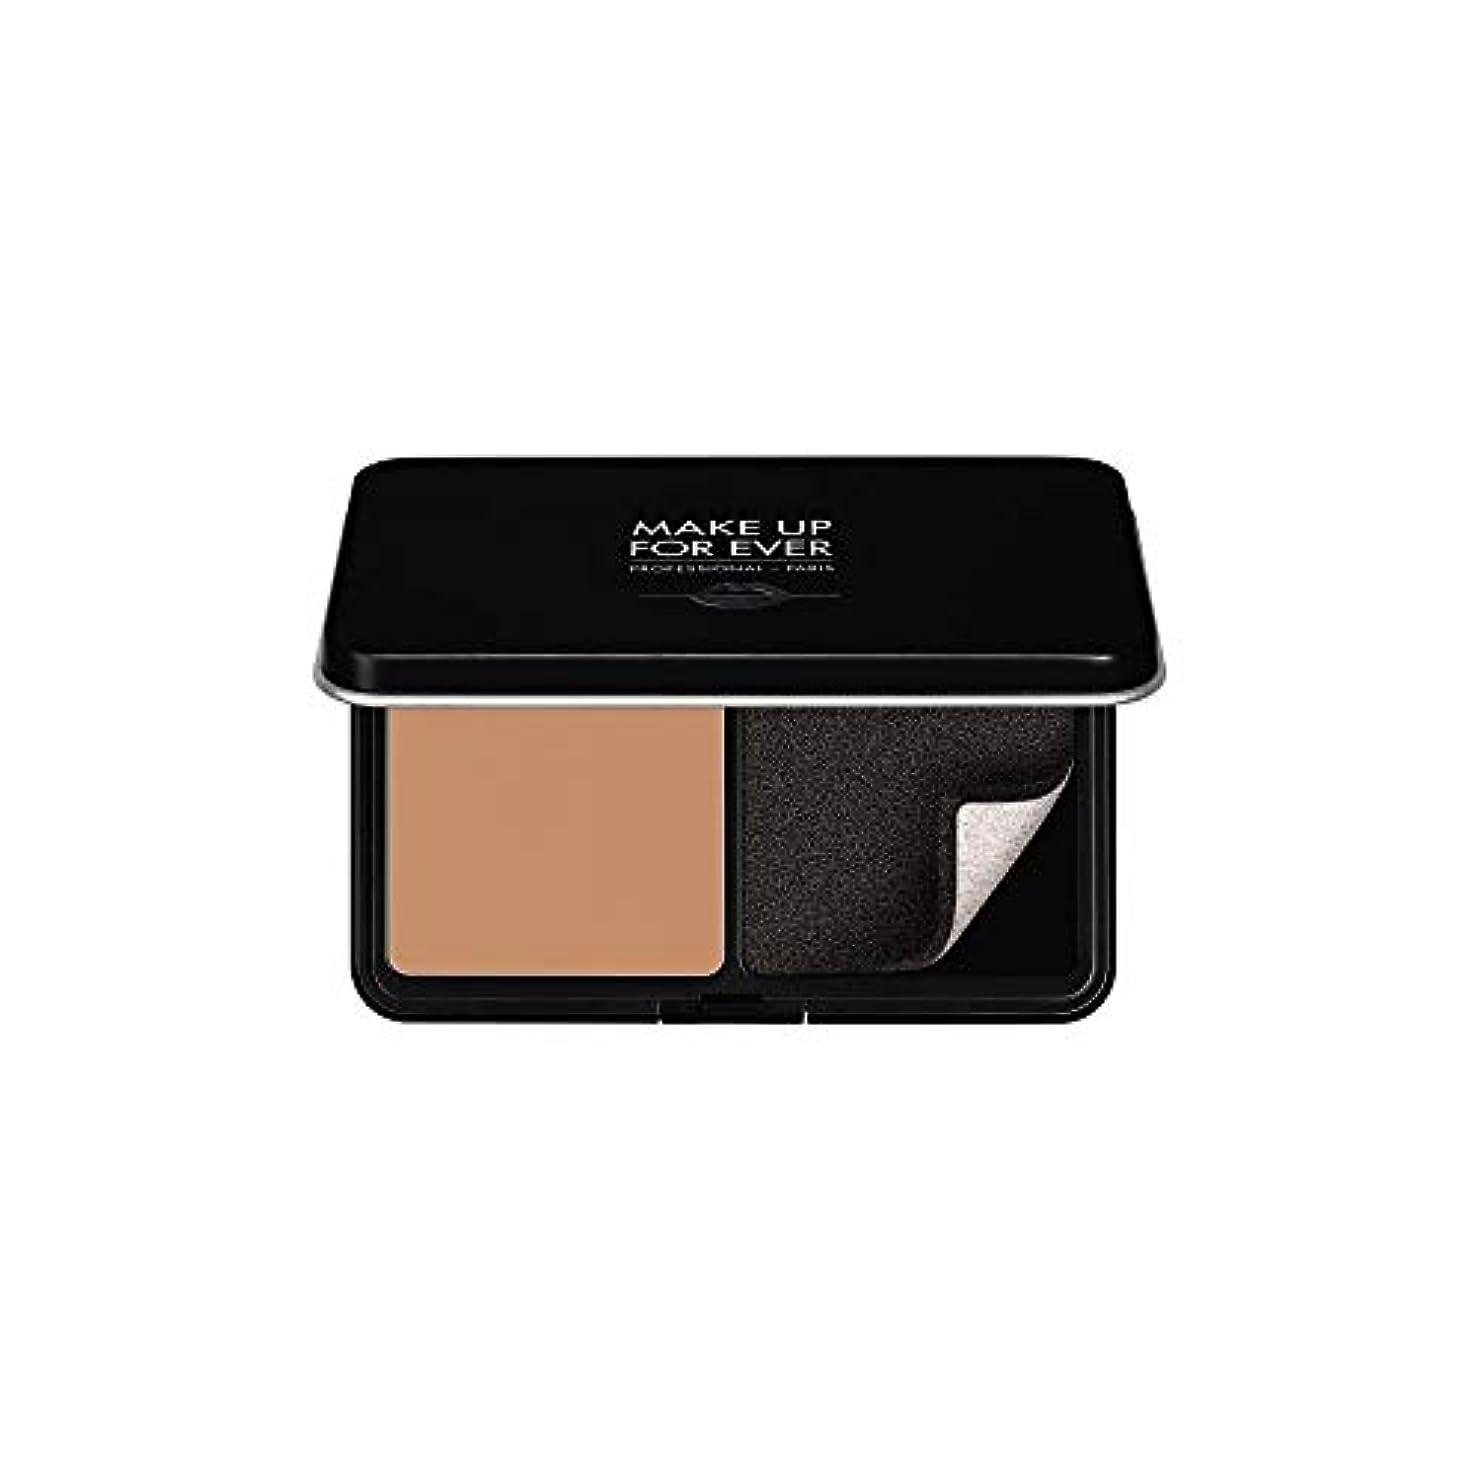 腕北方分析するメイクアップフォーエバー Matte Velvet Skin Blurring Powder Foundation - # R410 (Golden Beige) 11g/0.38oz並行輸入品